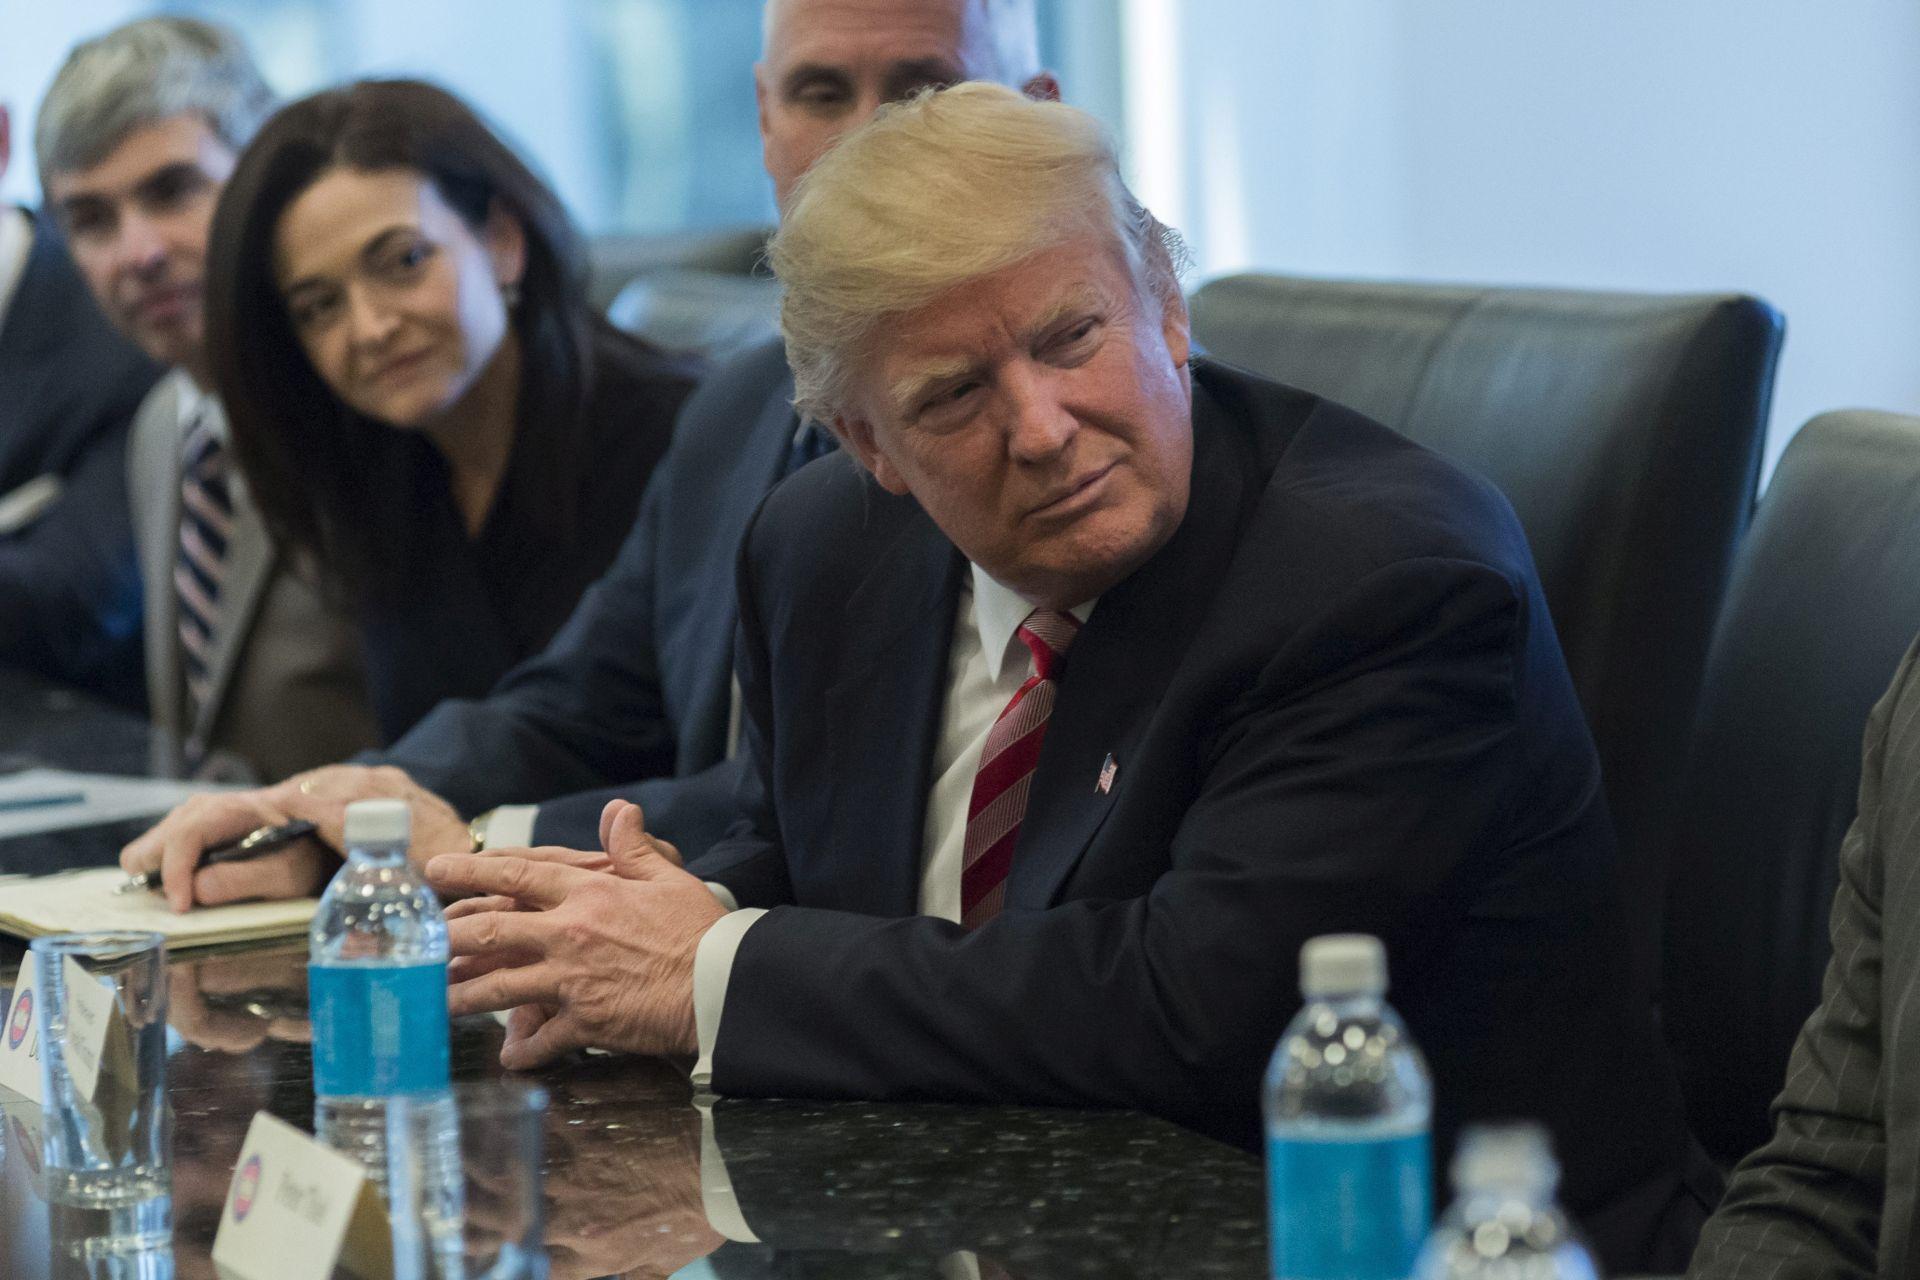 Moskva prikupila kompromitirajuće informacije o Trumpu